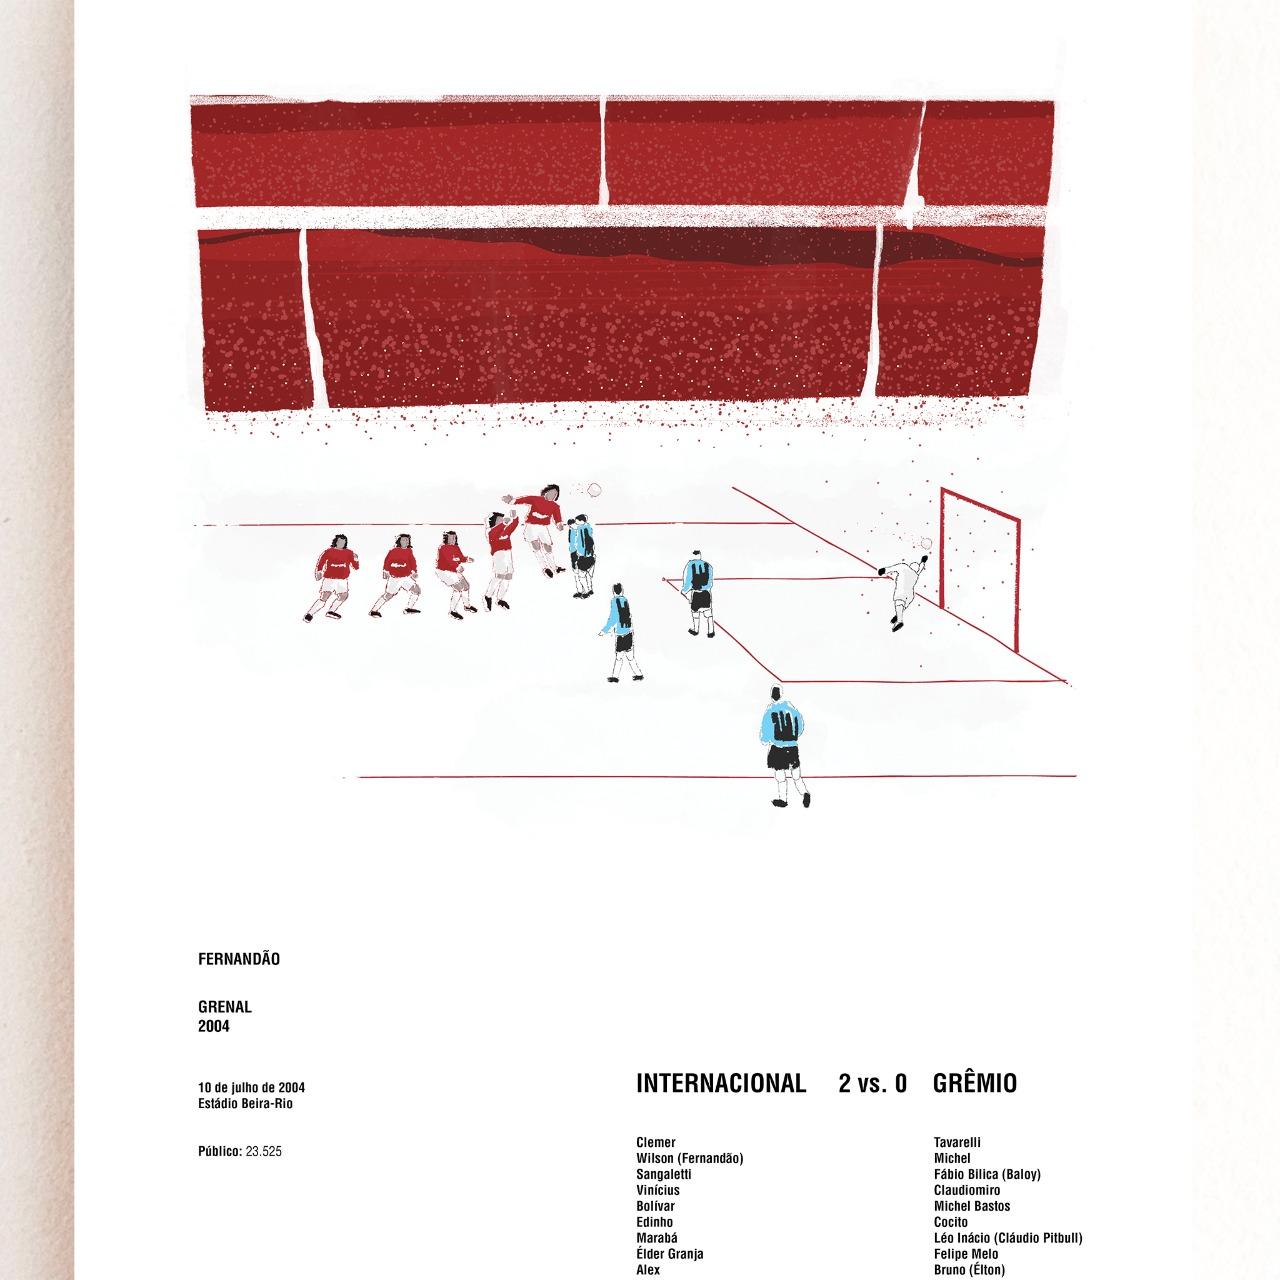 Gol Mil em Grenais - Fernandão 2004